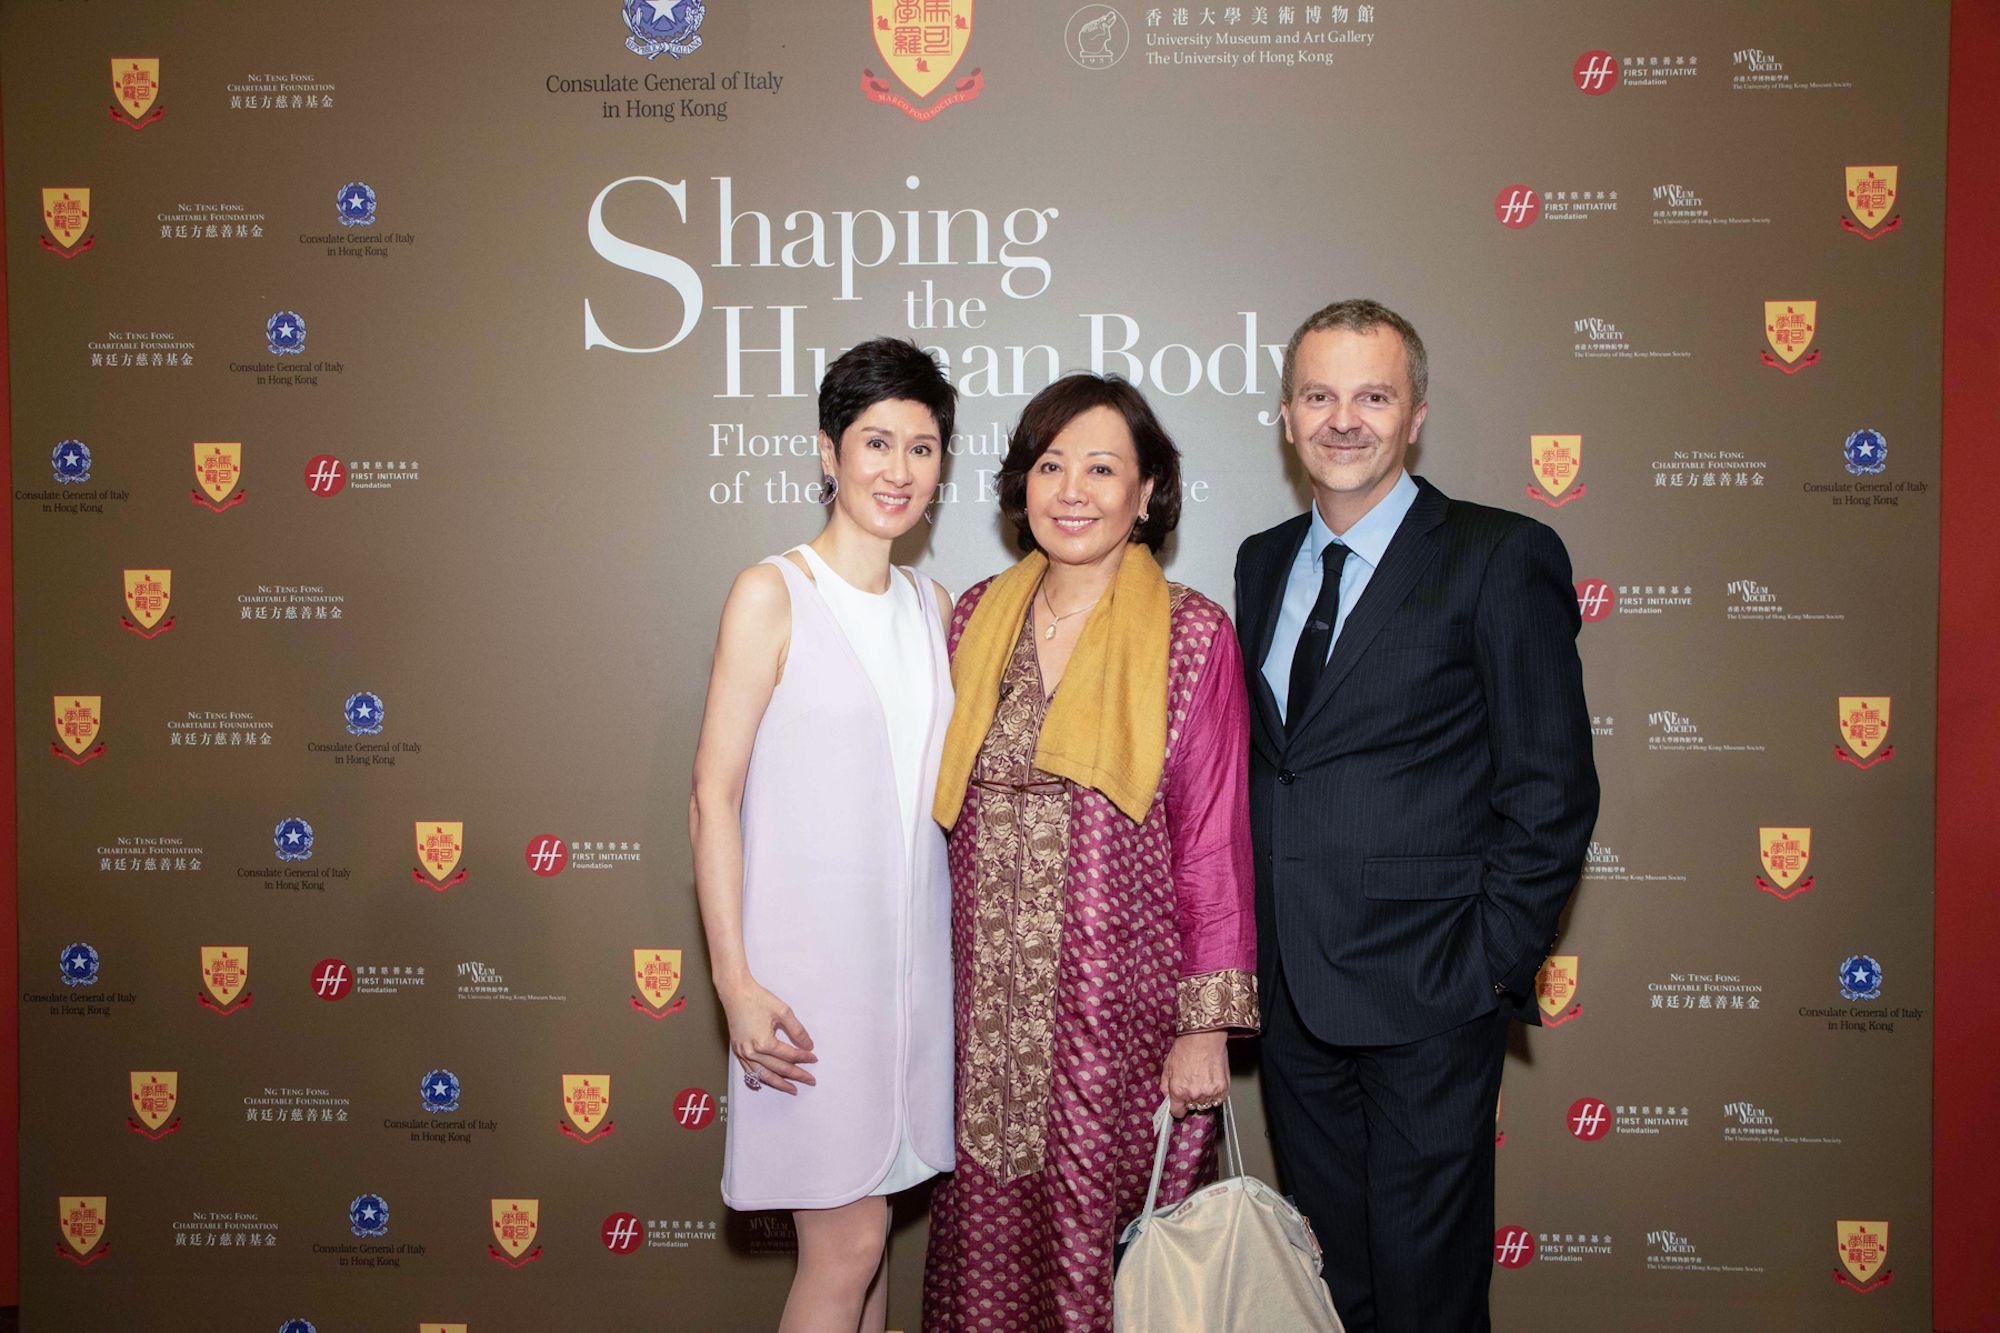 Michelle Ong, Wendy Kwok, Antonello De Riu